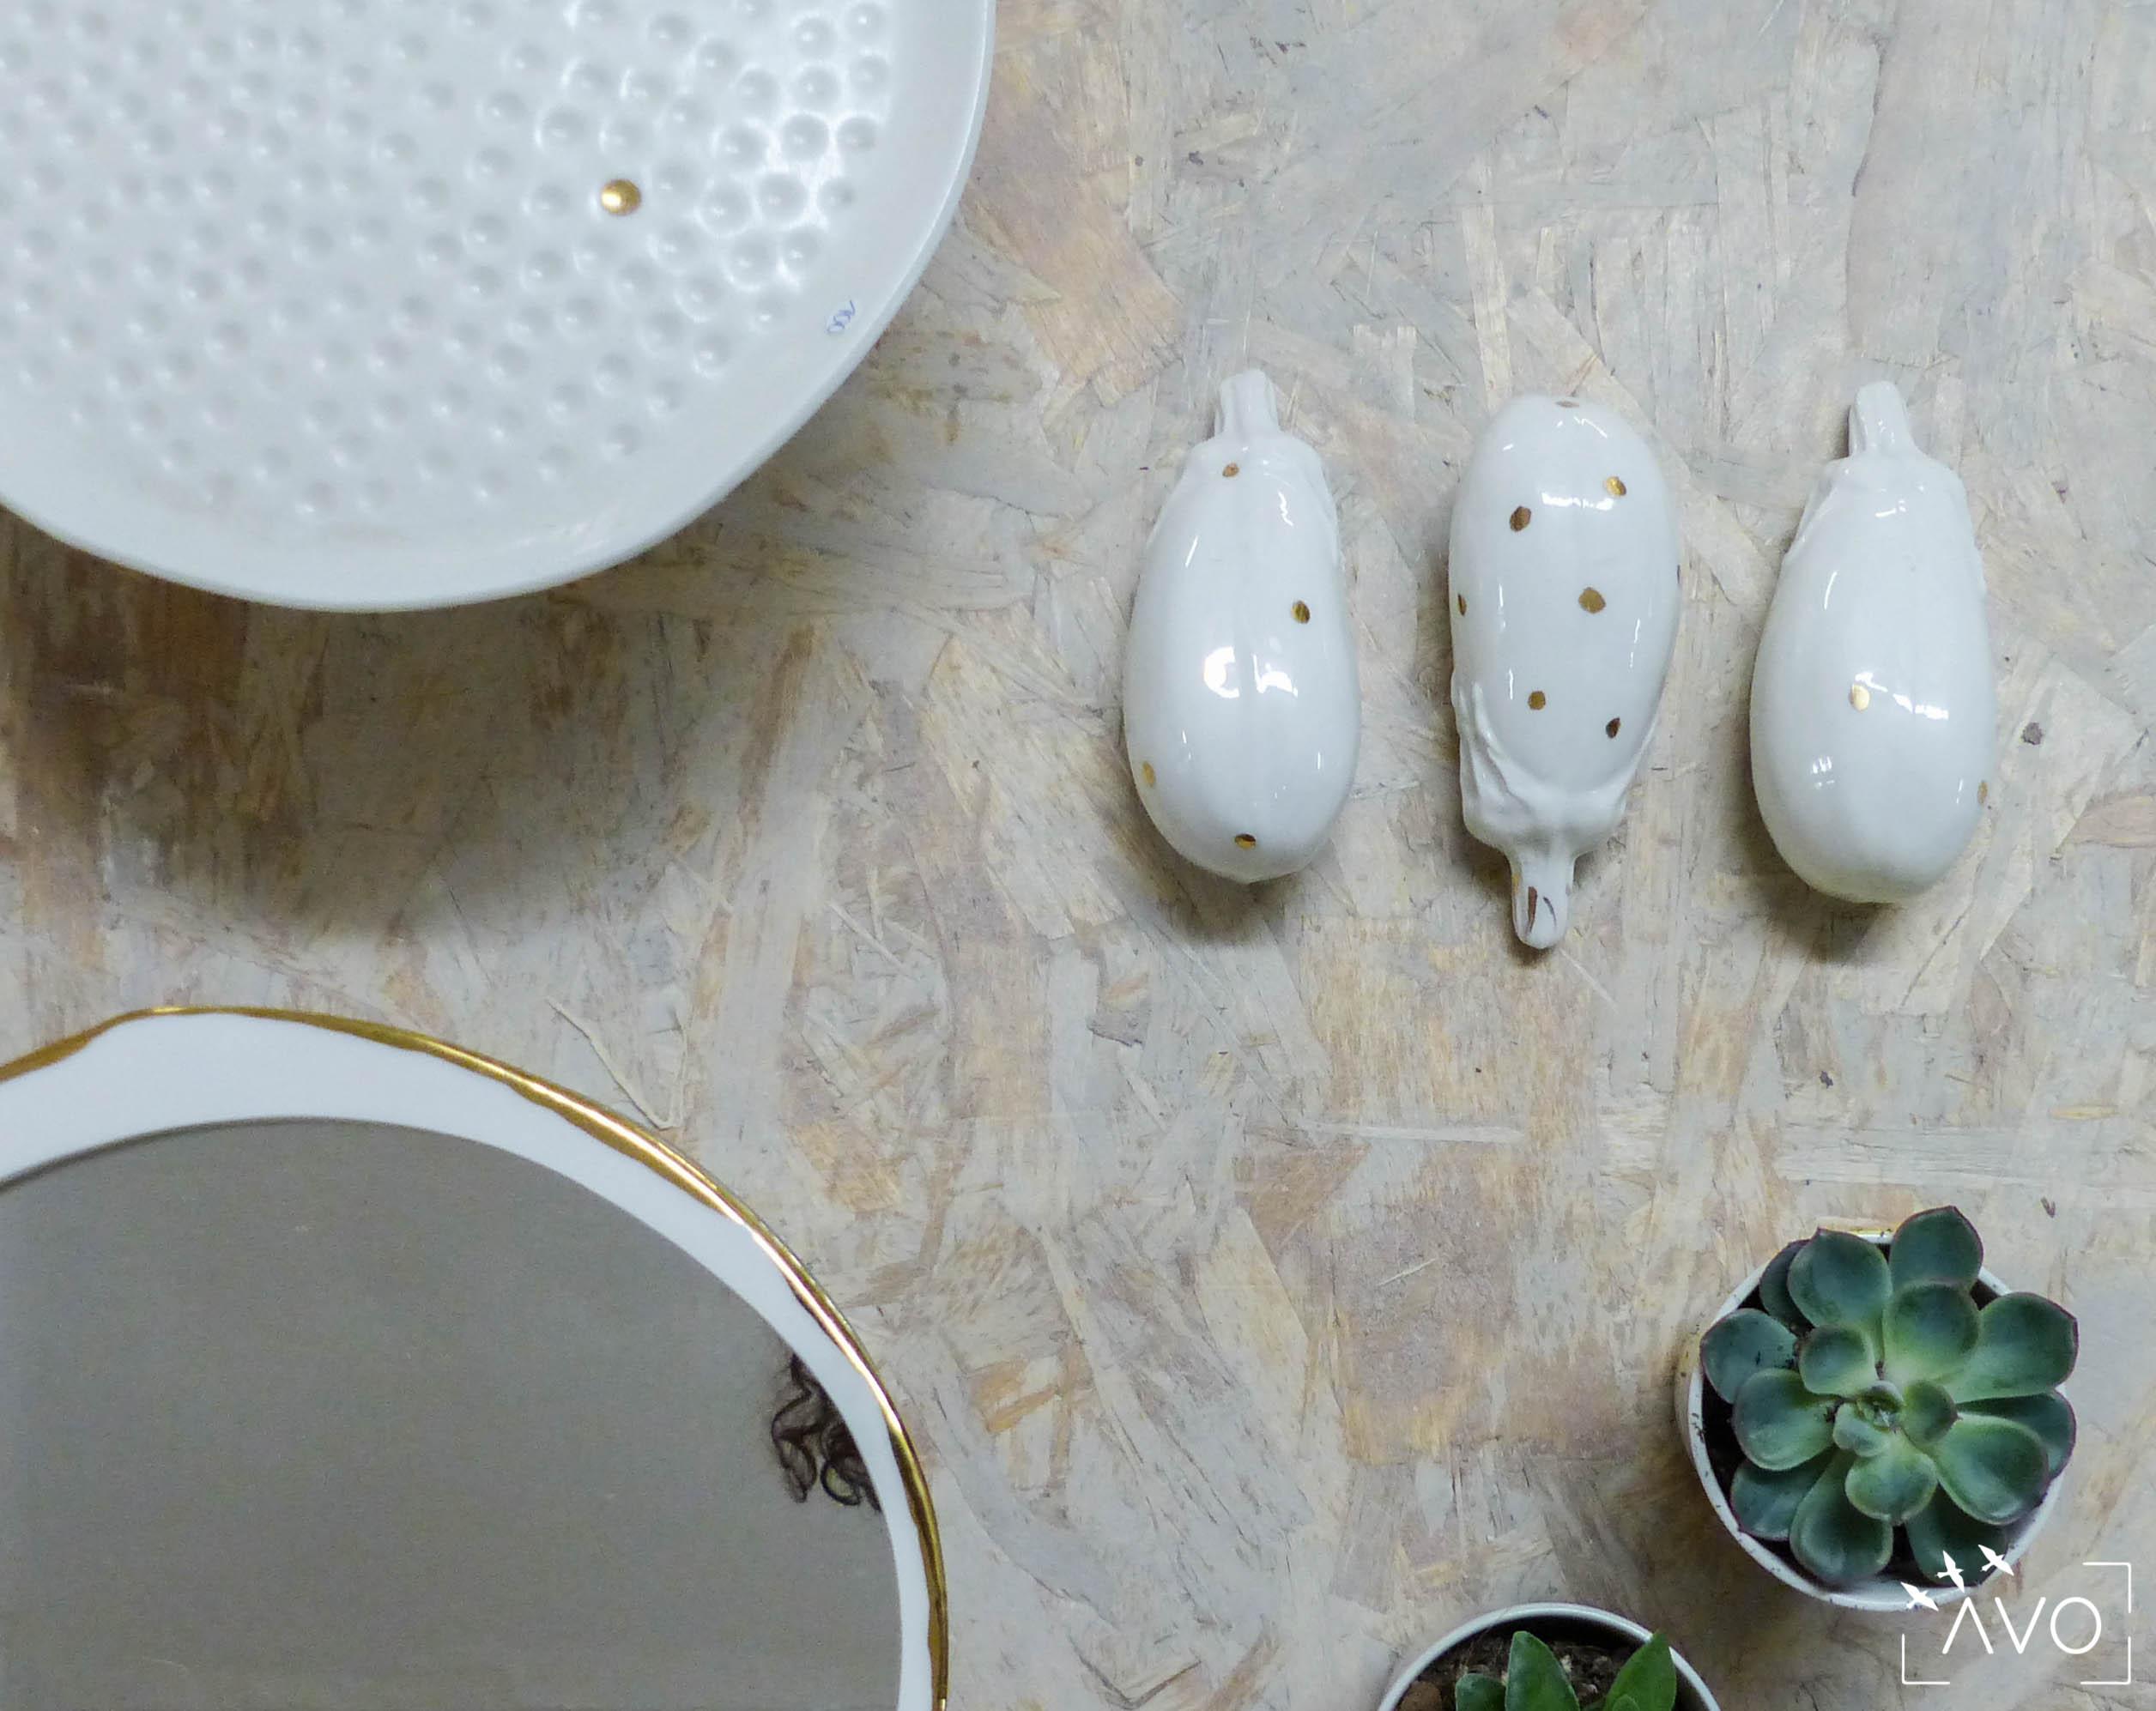 céramique tasse pois porcelaine caluire lyon abcéramique atelier blanc aubergine